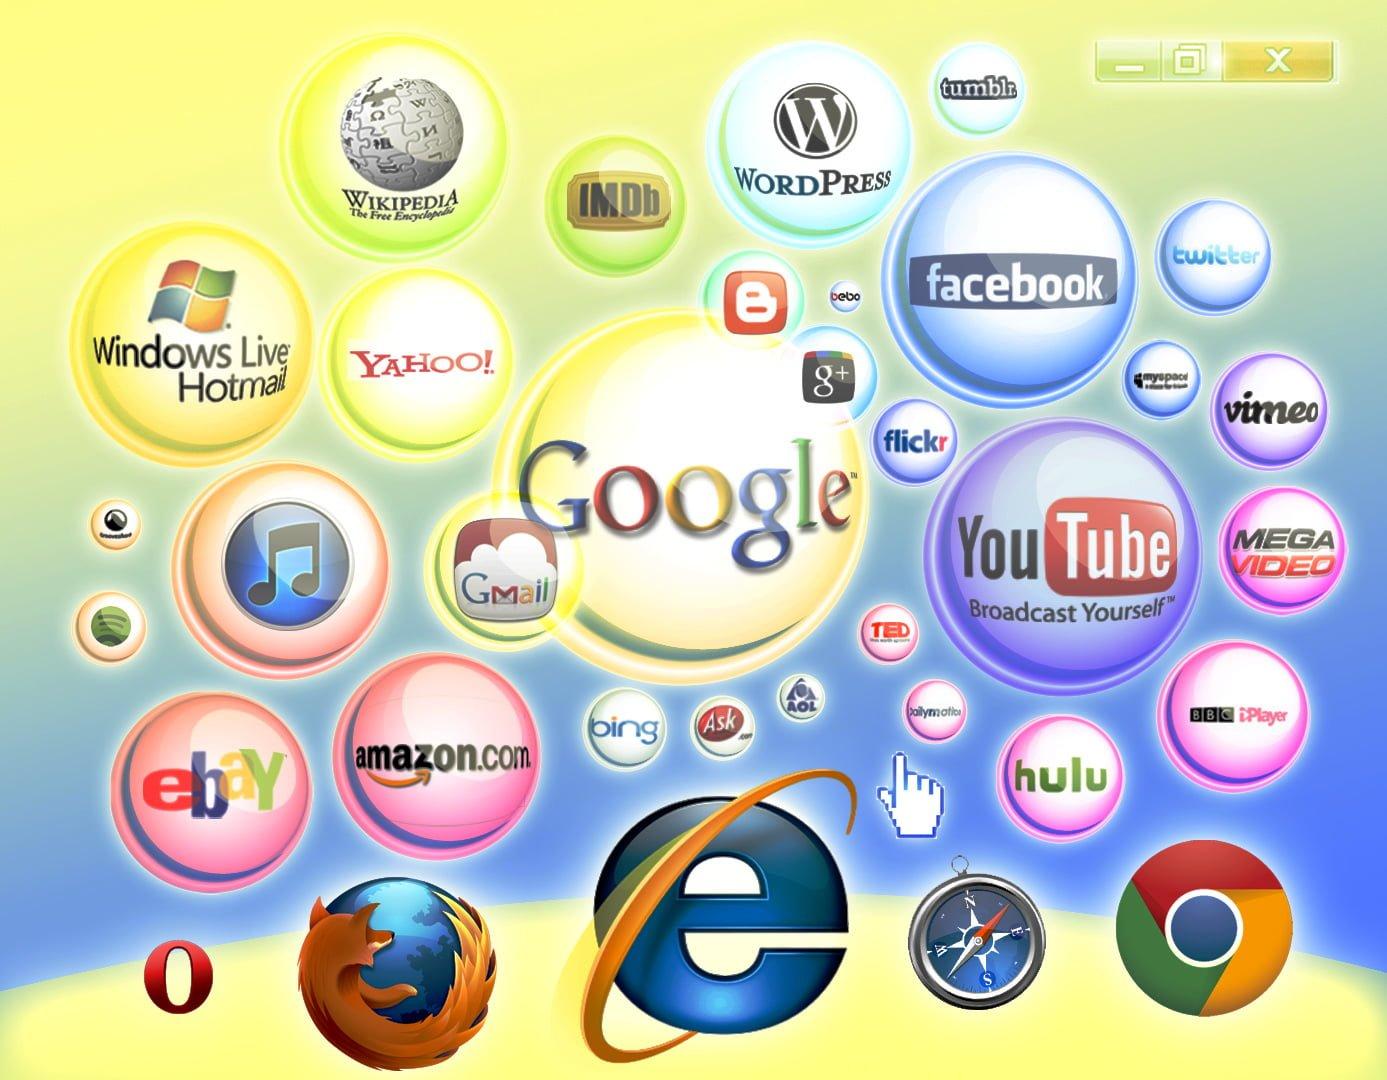 Vodafone ve Türkcell Bedava İnternet Kampanyasına Katılın Vodafone ve Türkcell Bedava İnternet Kampanyasına Katılın Vodafone ve Türkcell Bedava İnternet Kampanyasına Katılın int1